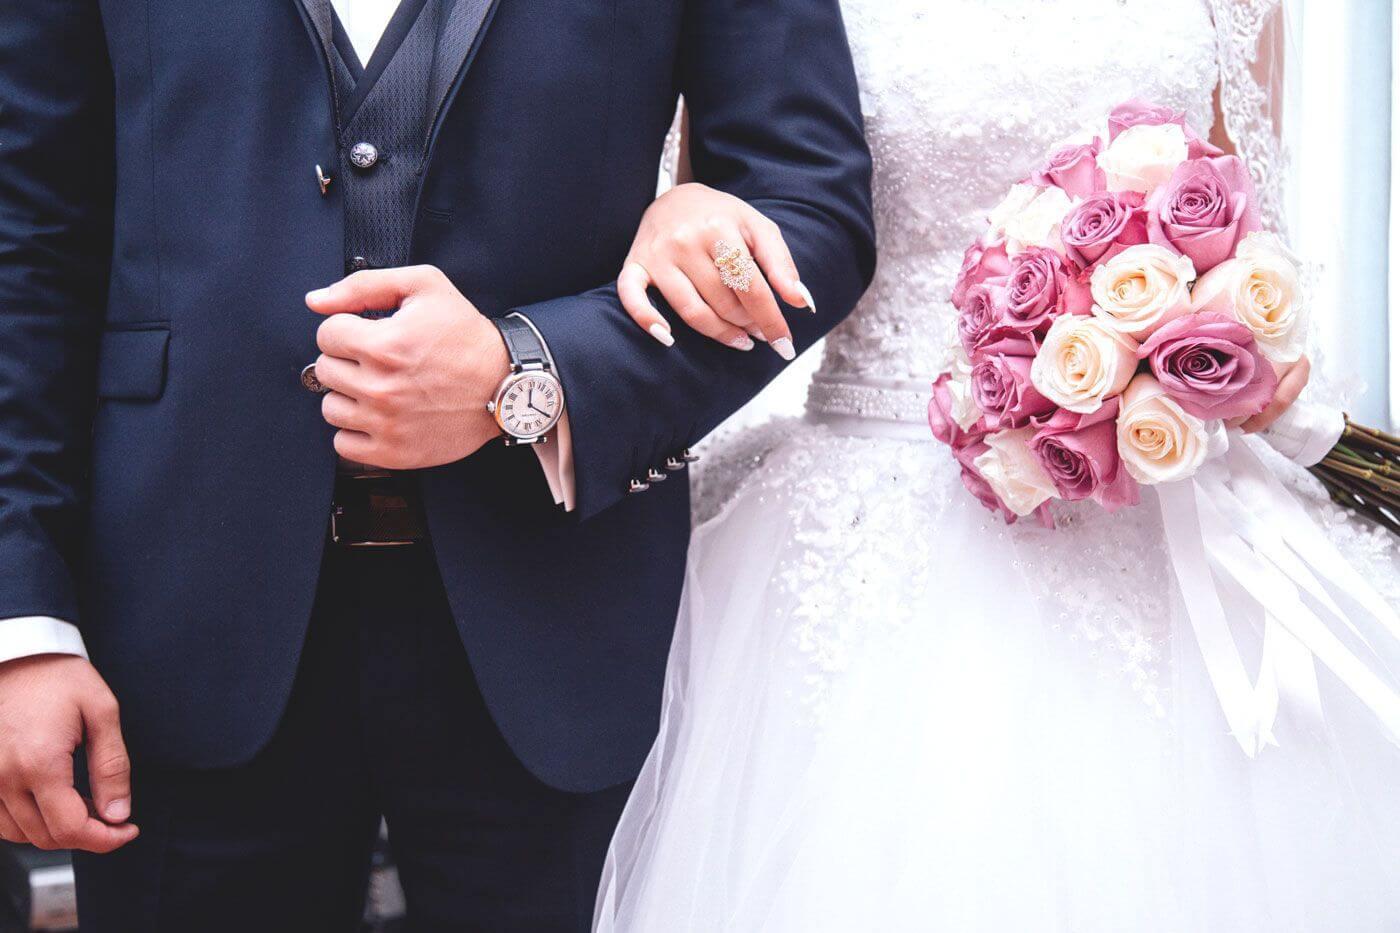 +15 Frases Para Casamento Que Todos Os Noivos Deveriam Ler